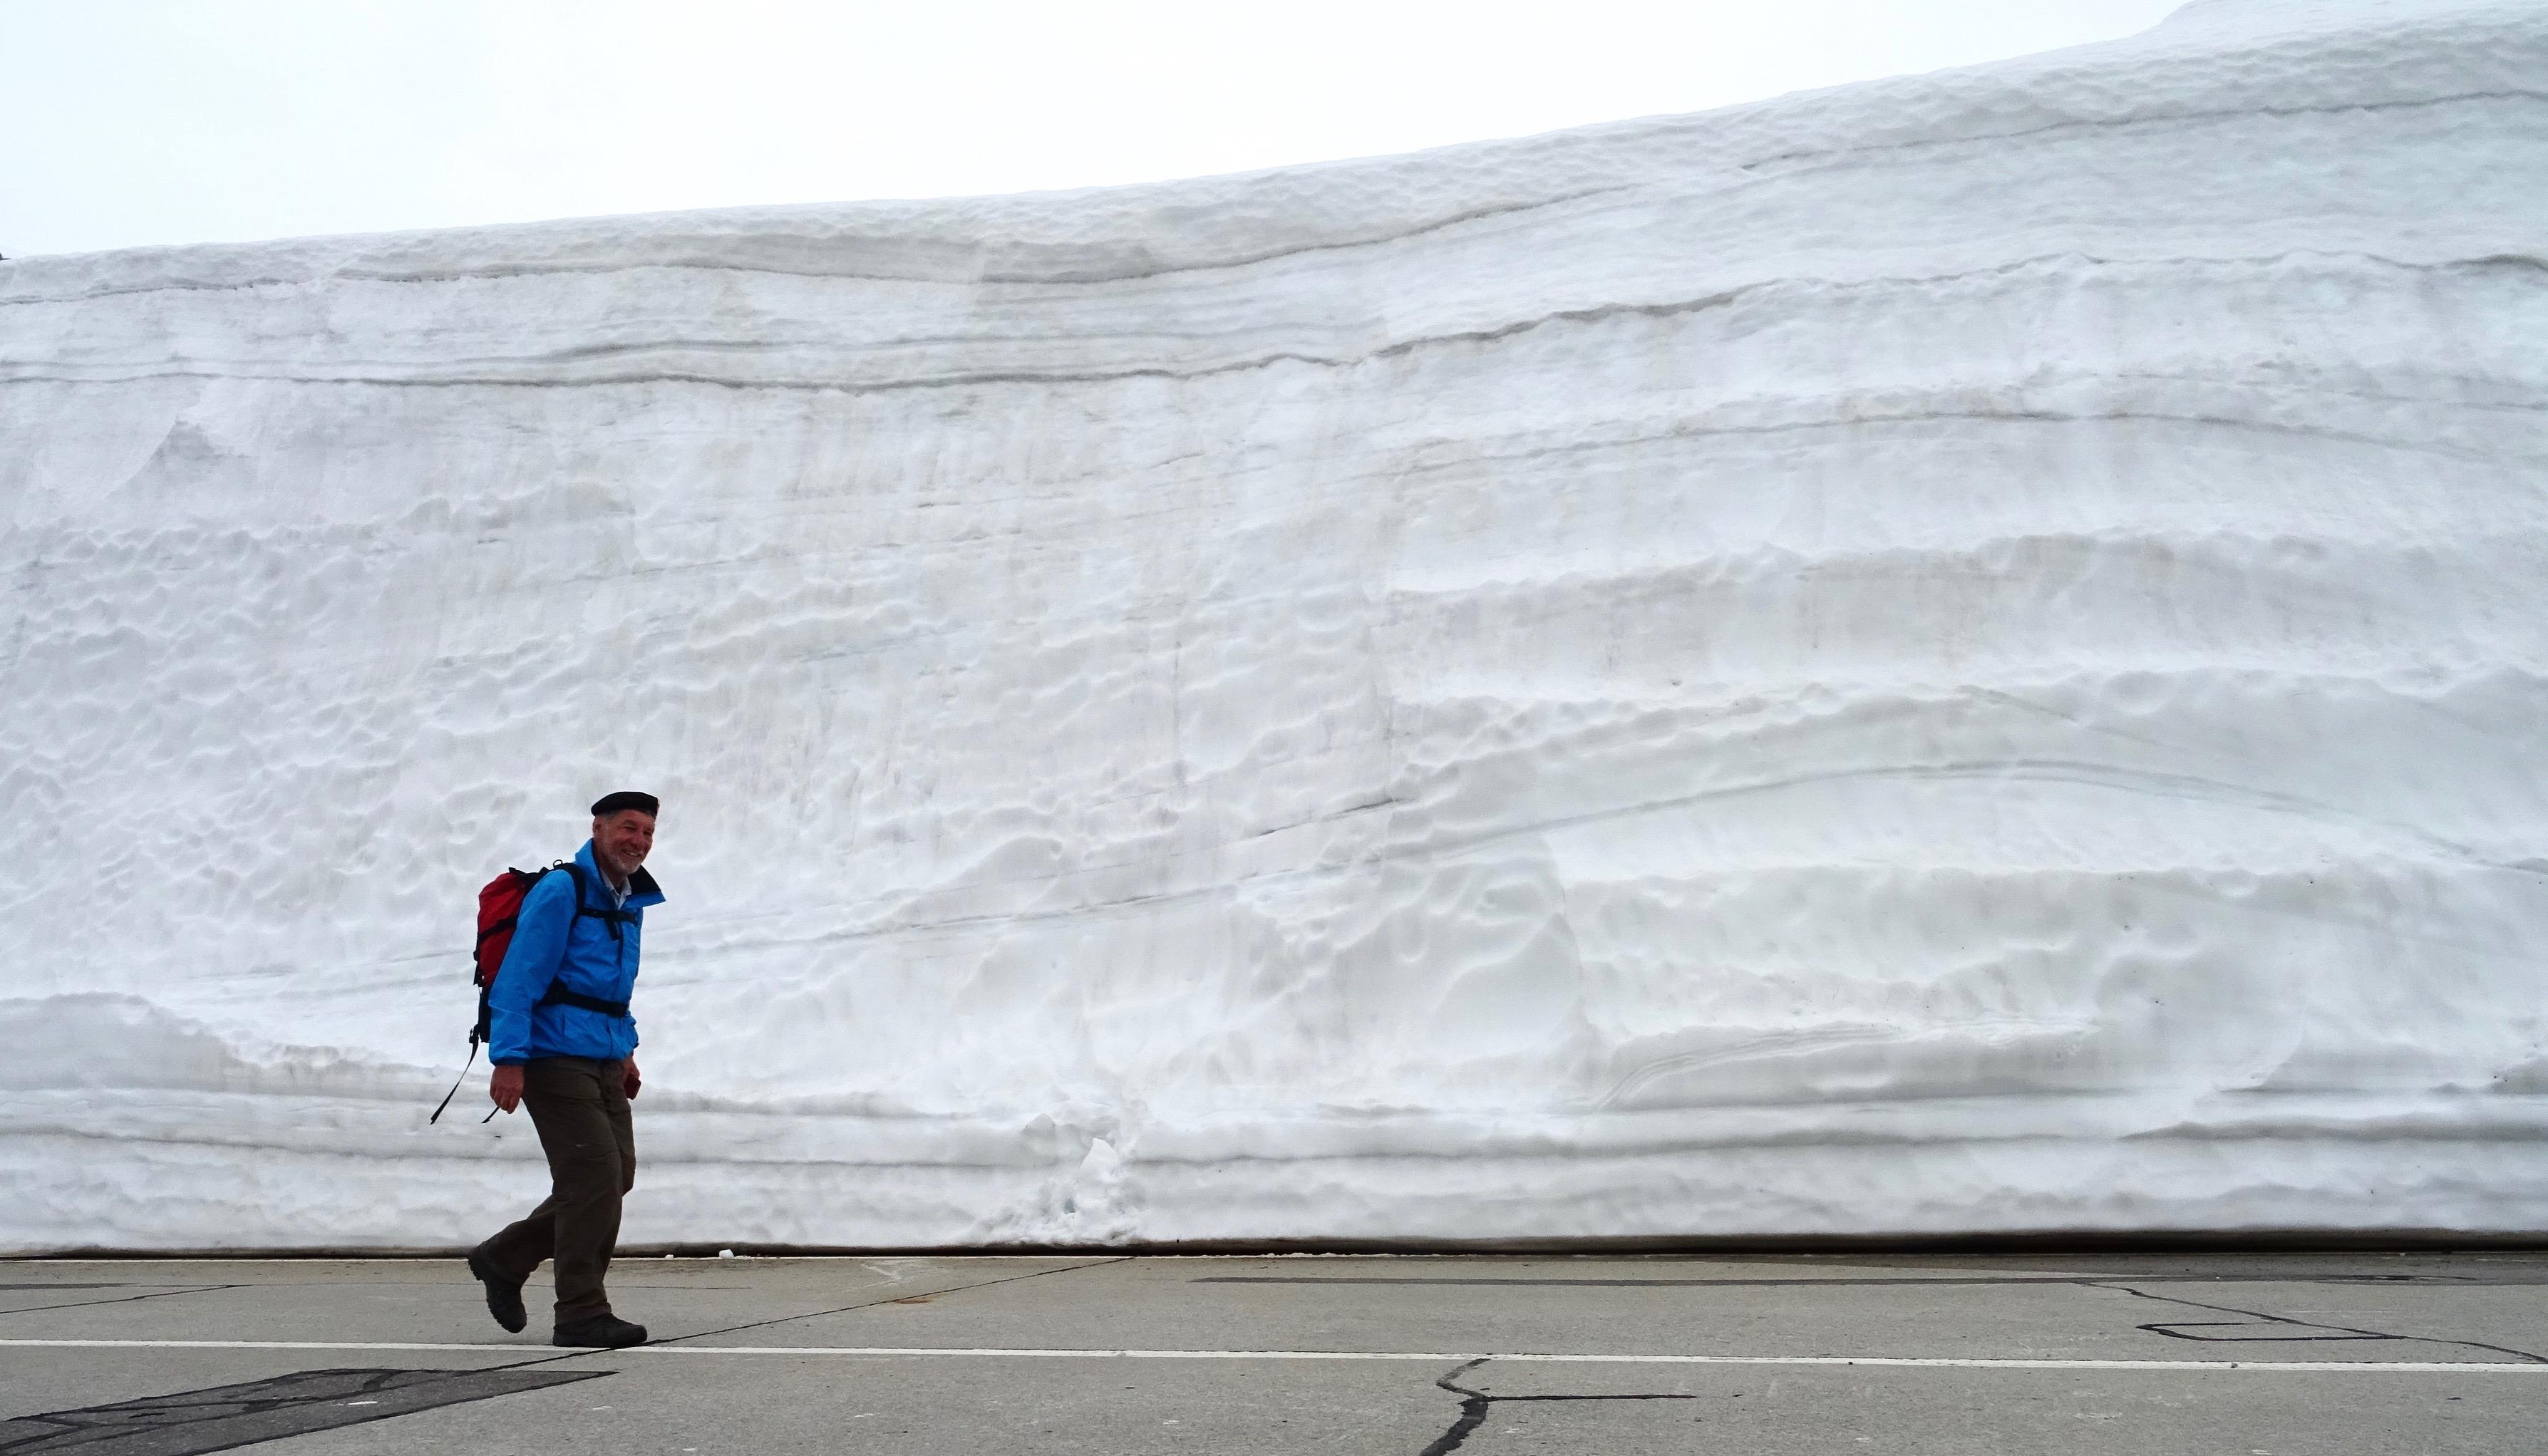 jetzt verstehen wir, weshalb der Gotthard noch so lange geschlossen ist